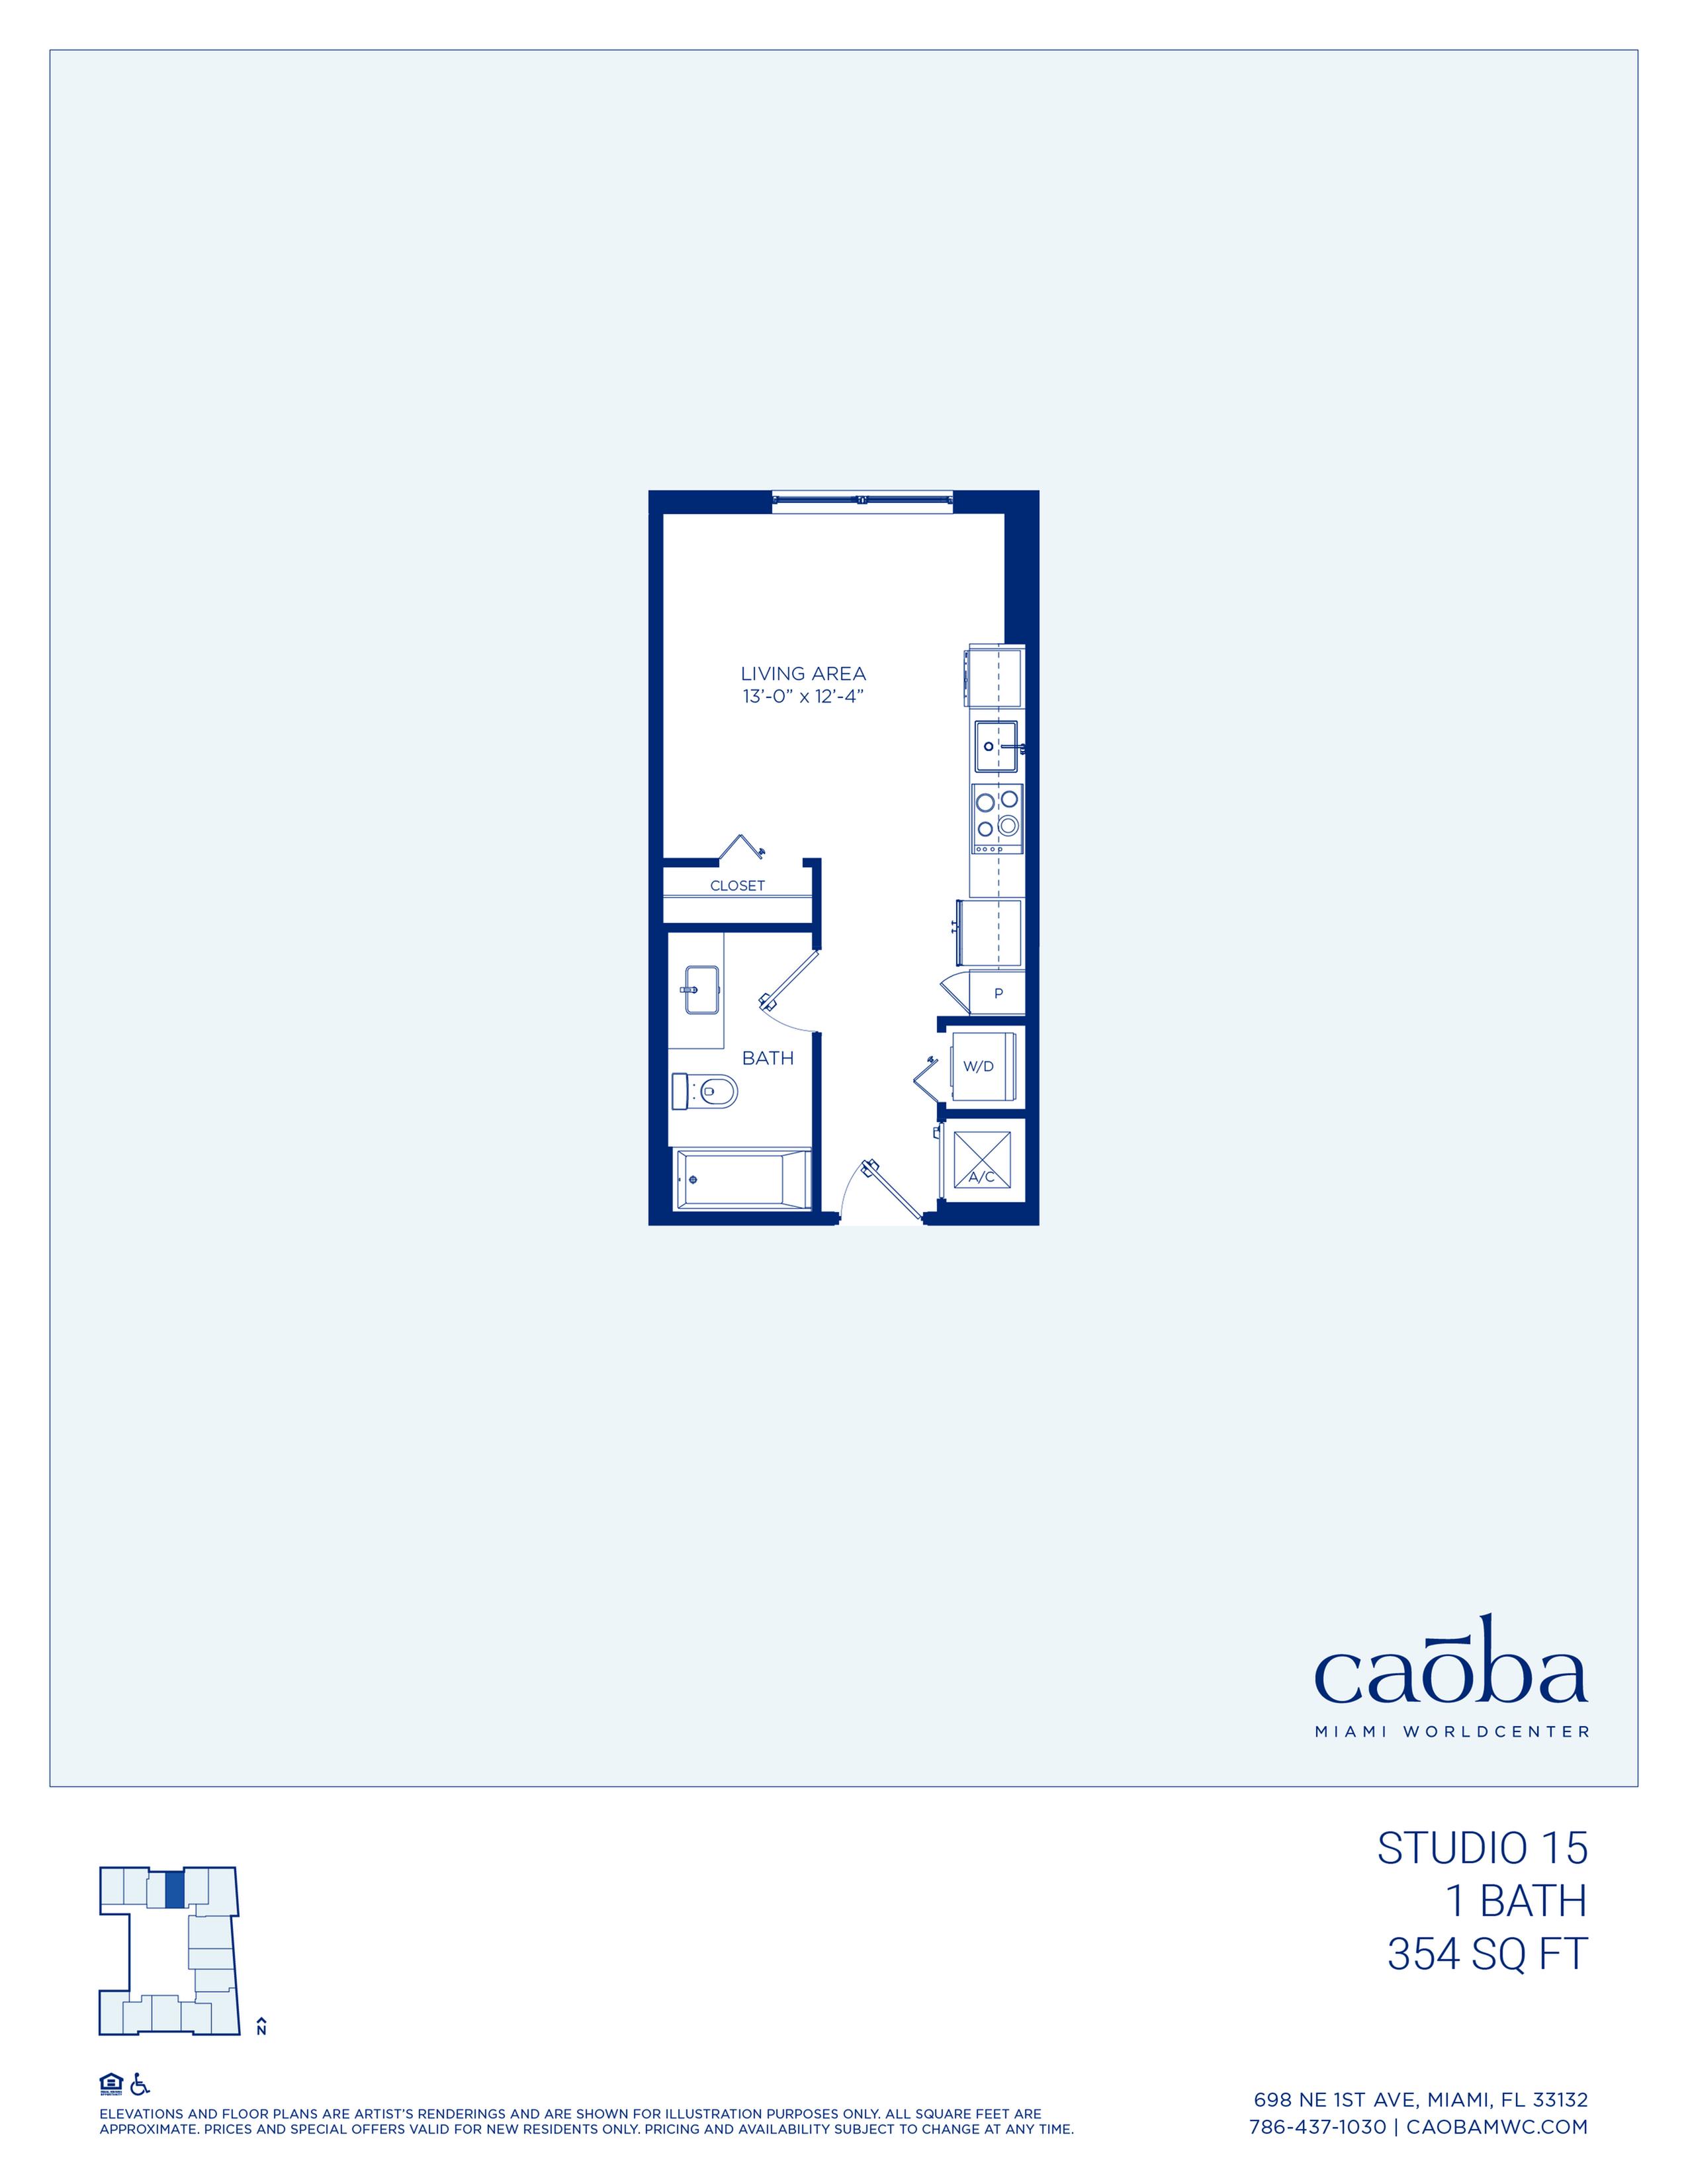 Miami Caoba Floorplan - S-15